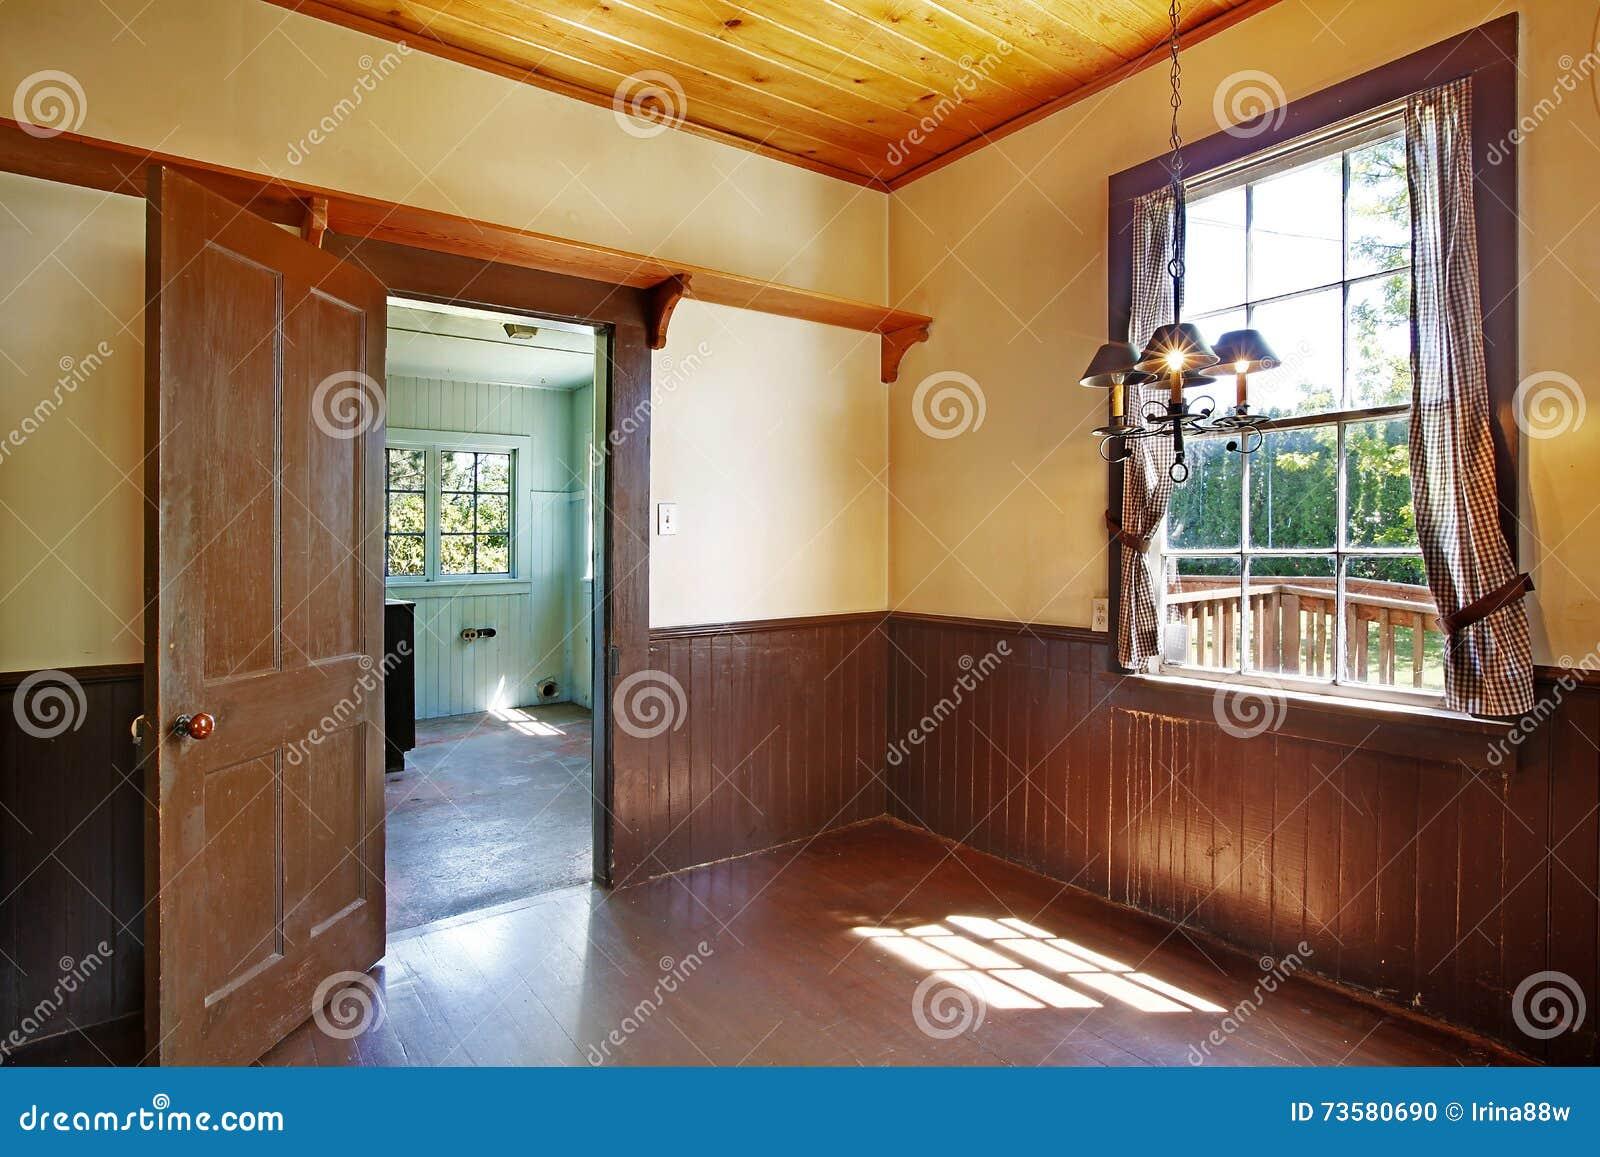 Download Antiker Küchenrauminnenraum Mit Gelben Wänden Und Braune Planke  Täfeln Ordnung Stockfoto   Bild Von Hartholz